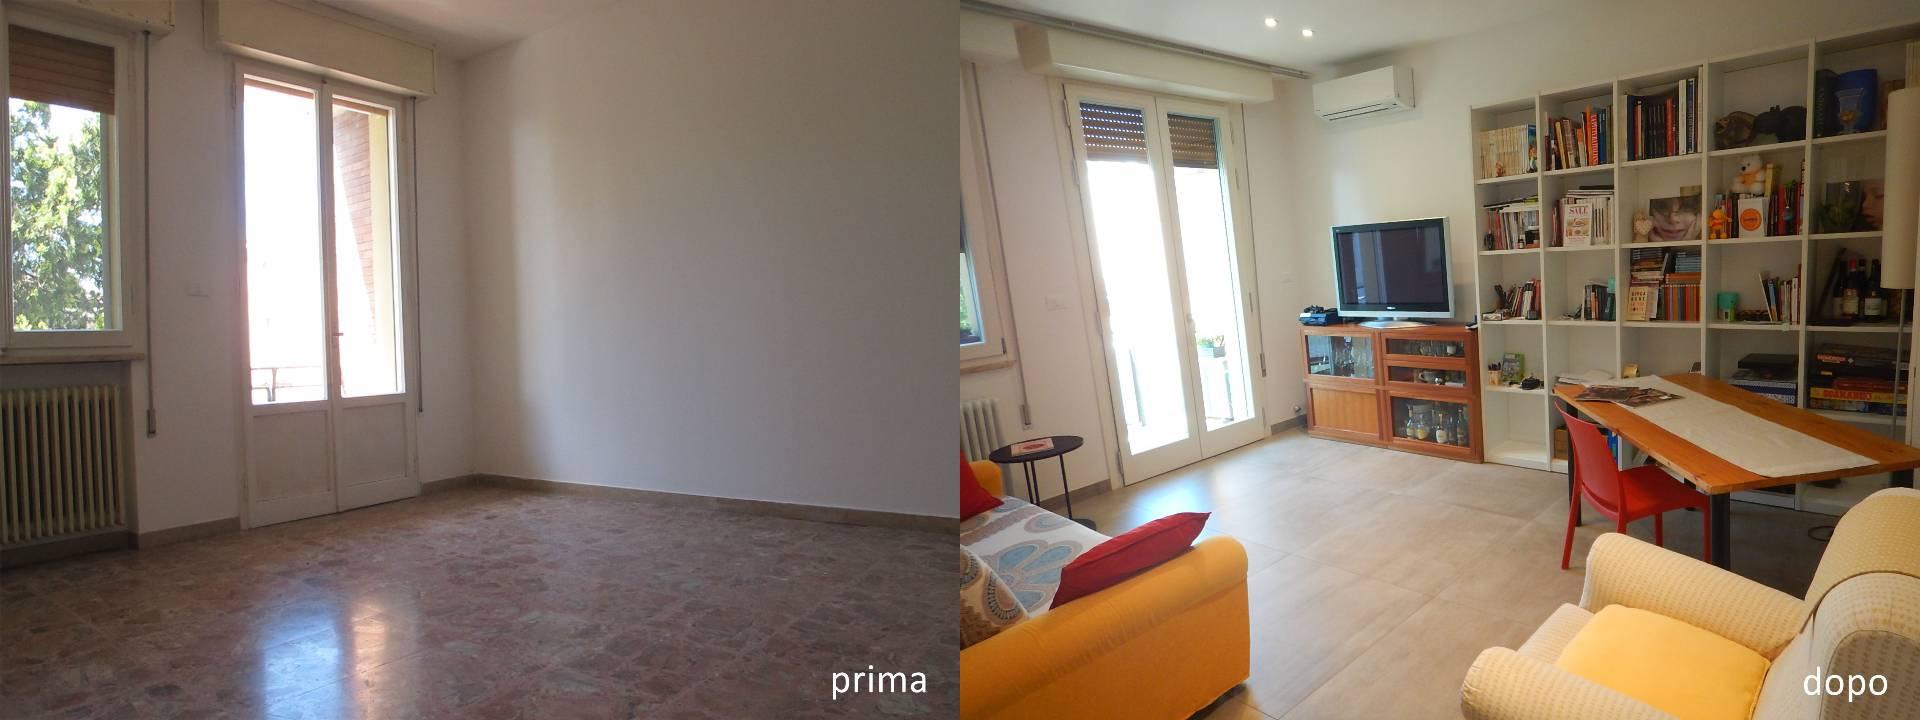 Foto 1 di Appartamento Via Valle Isola, Ferrara